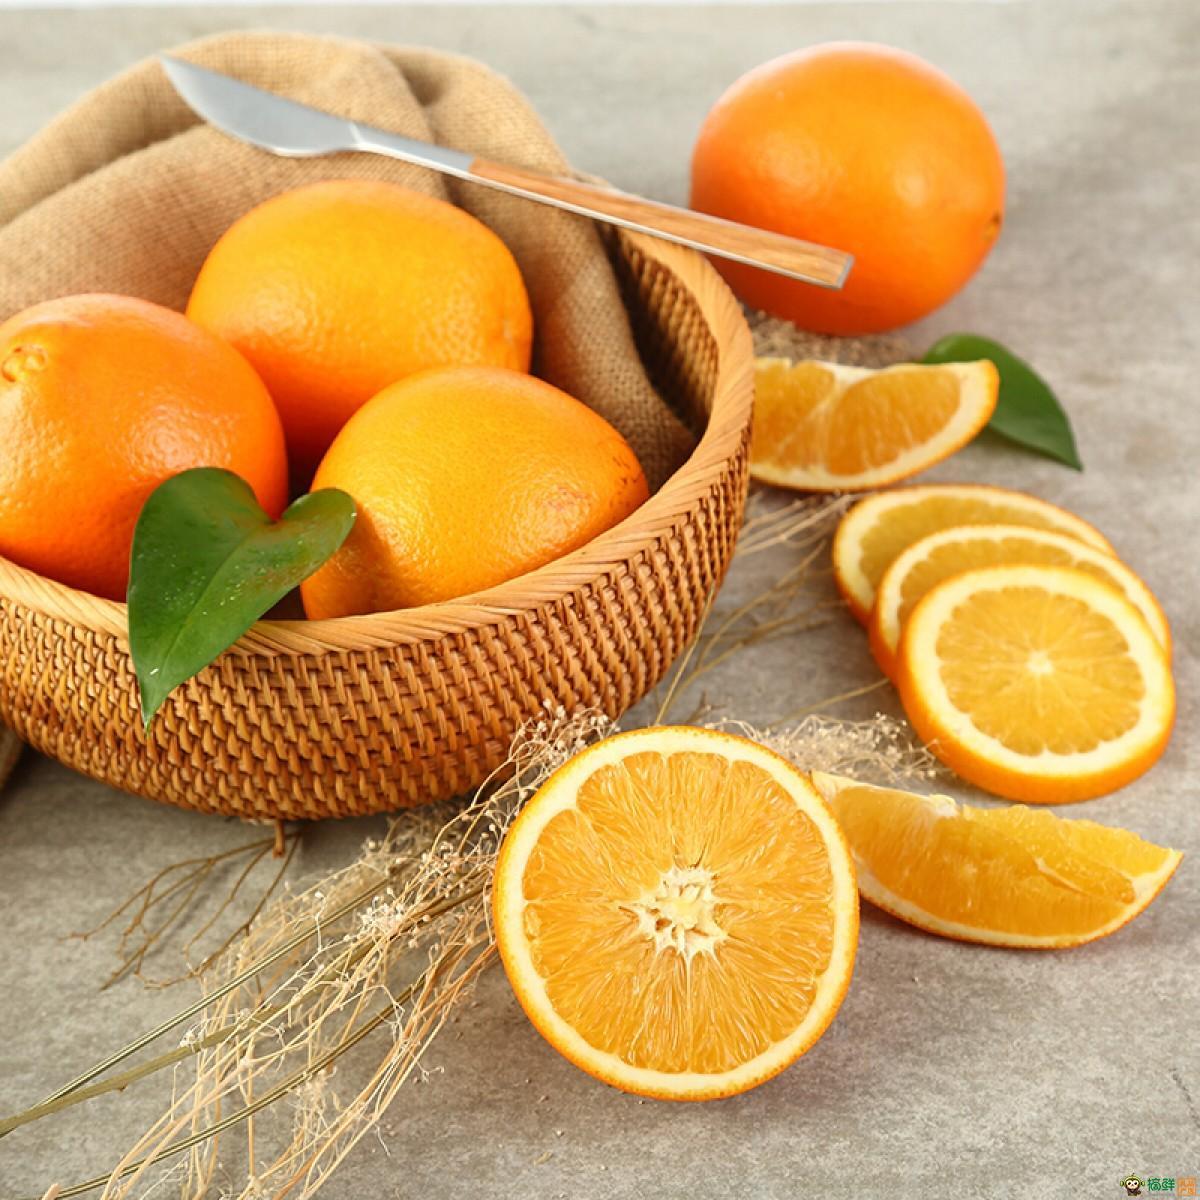 江西赣南脐橙 2.5kg